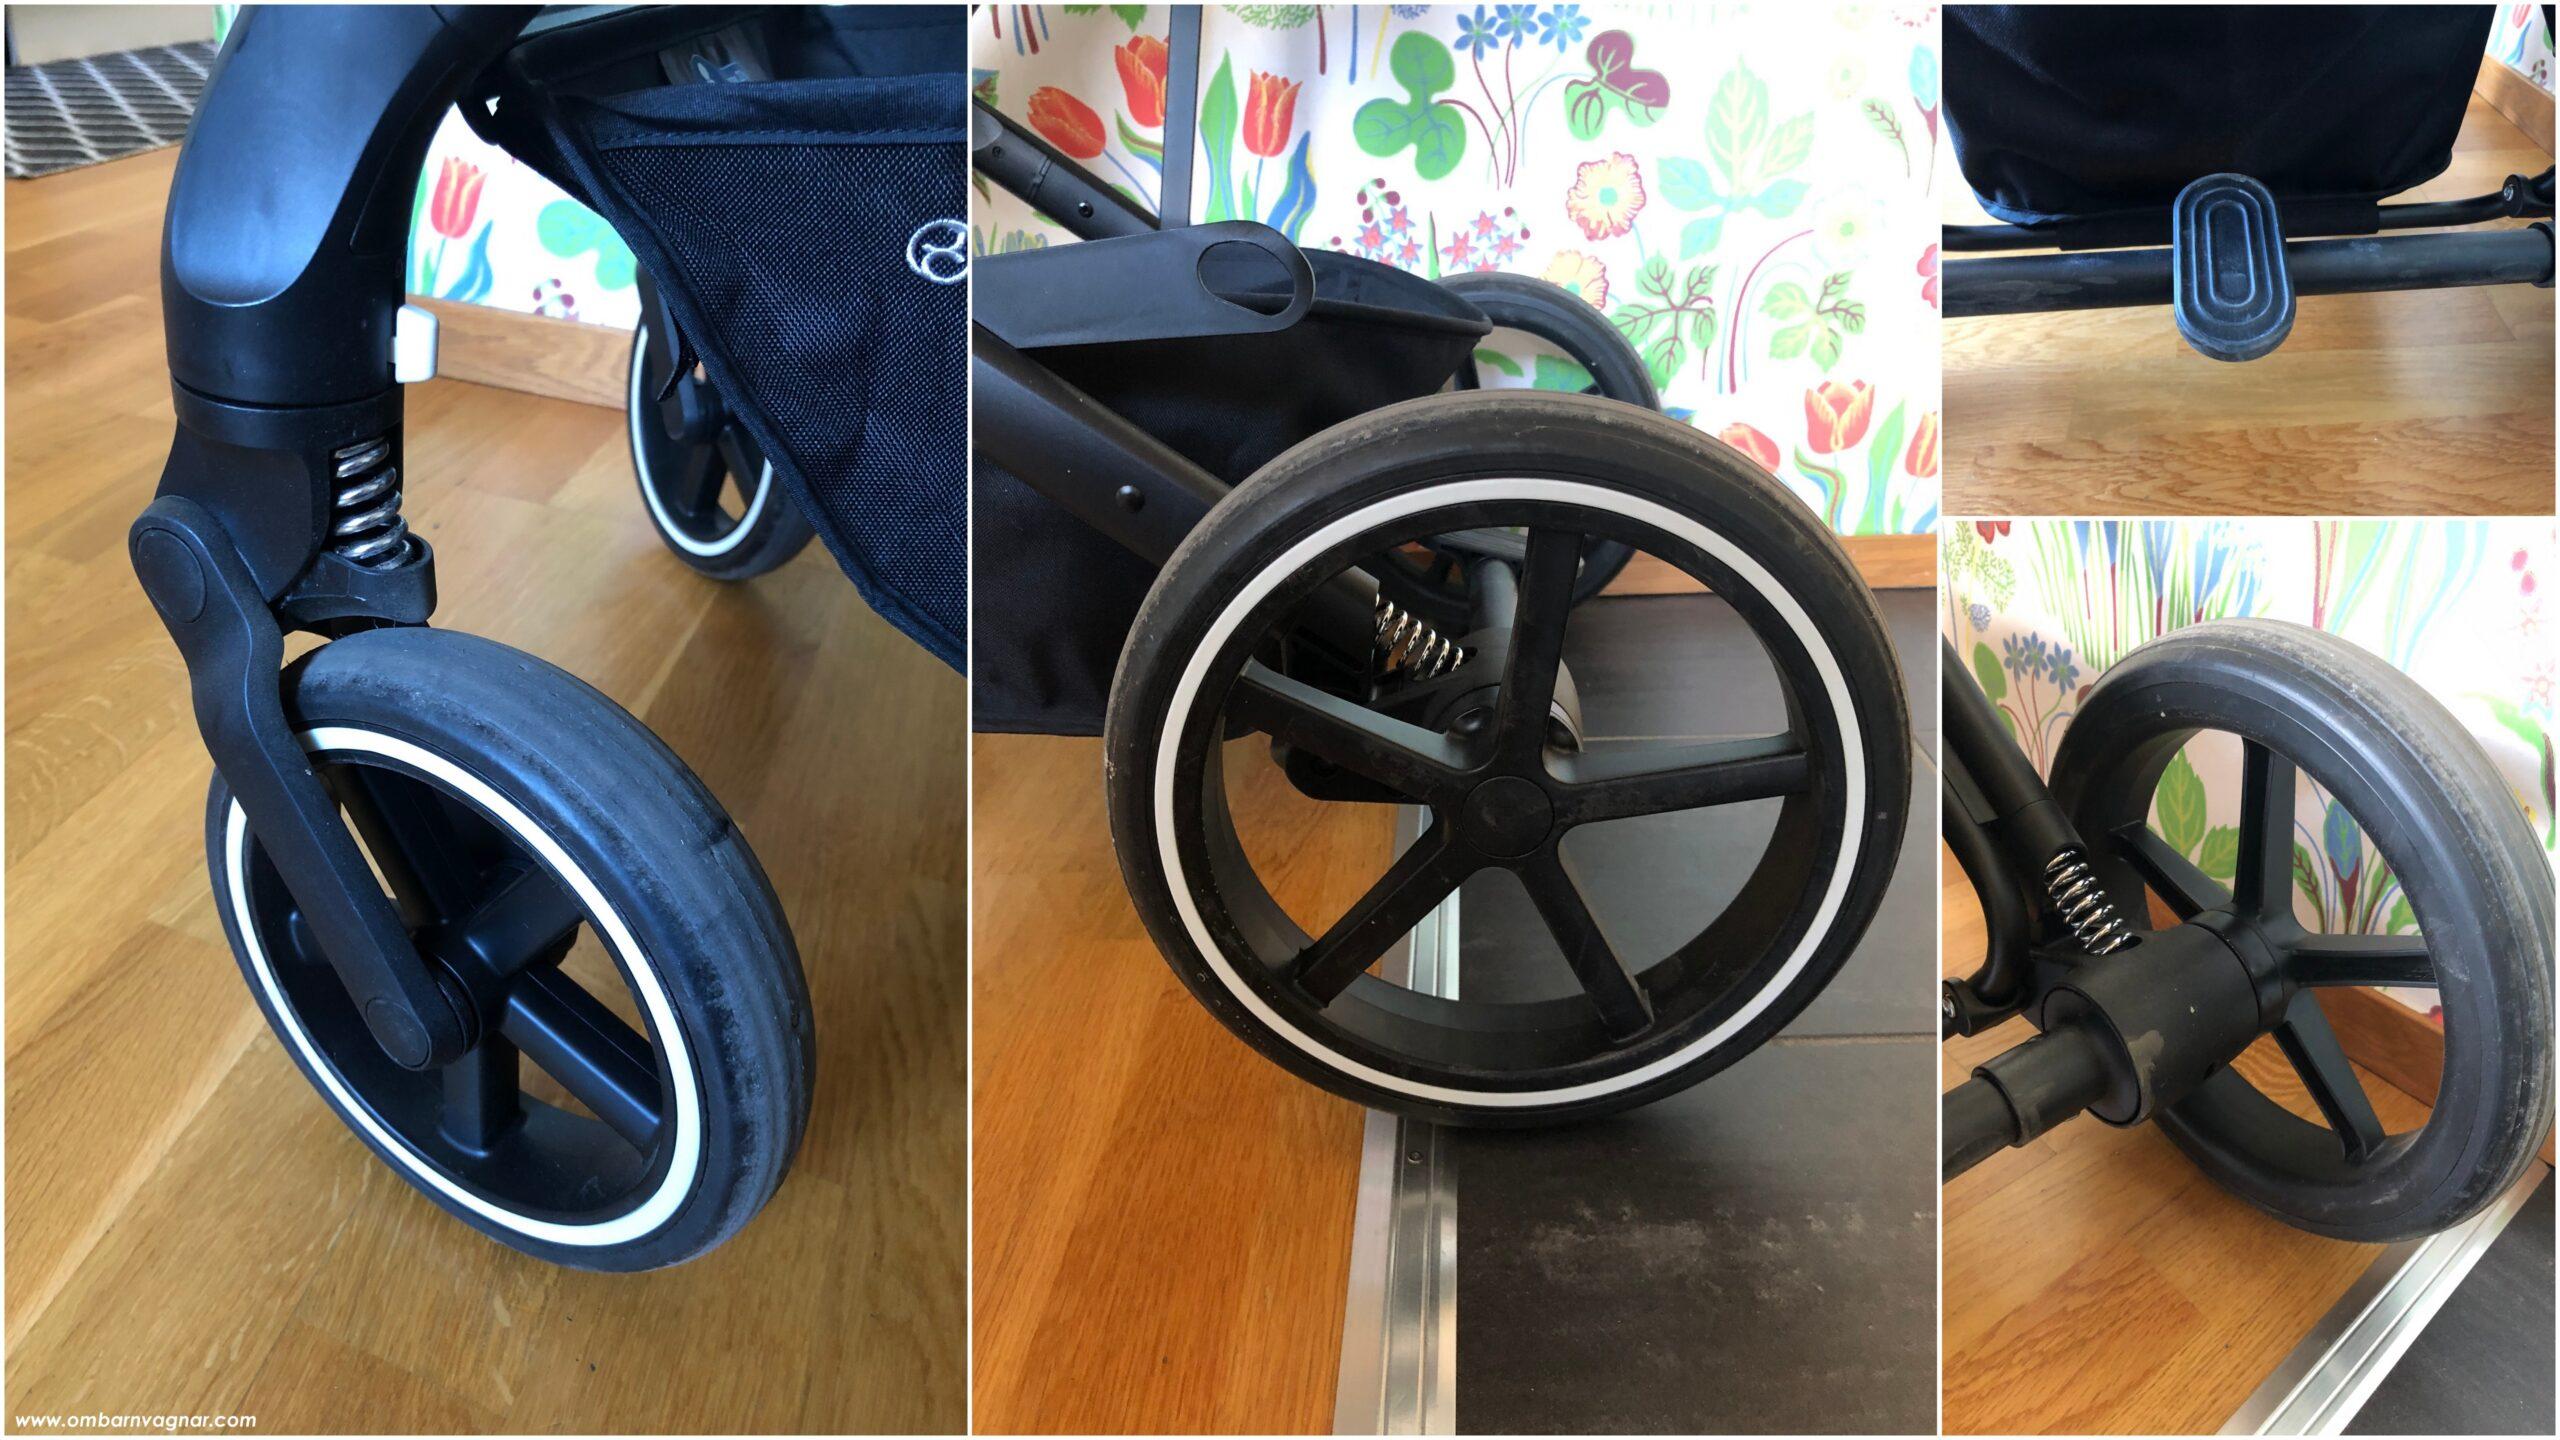 Cybex Balios S 2-in-1 har punkteringsfria däck och fjädring i chassit